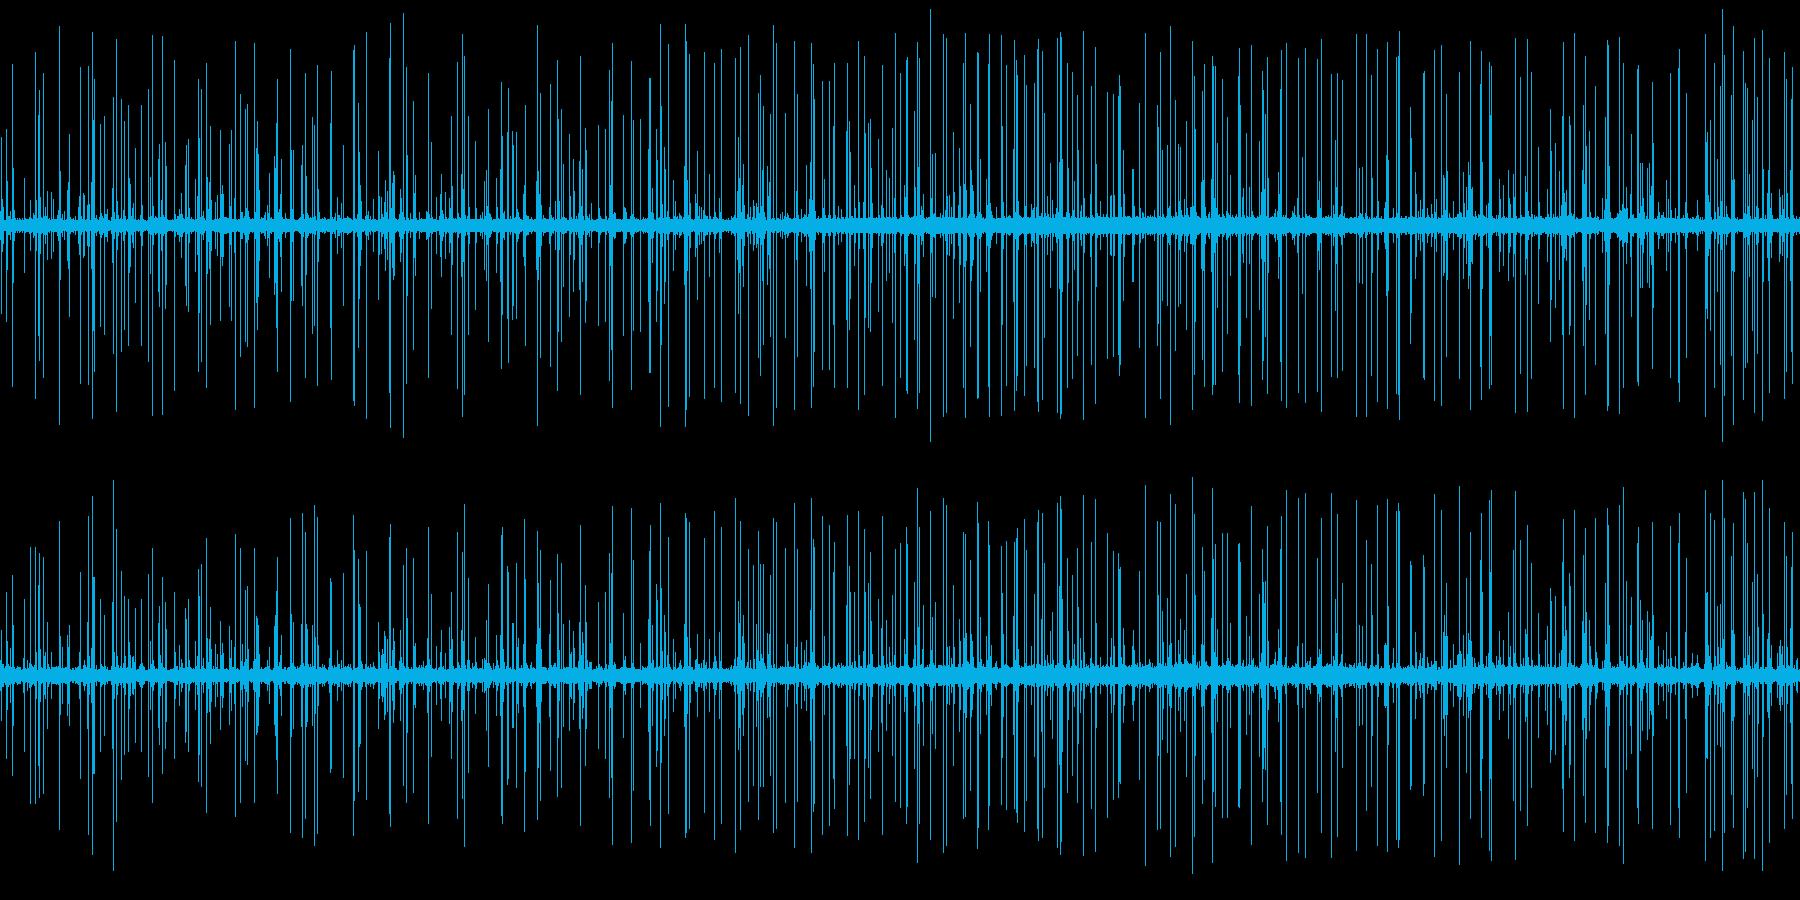 雨上がりの排水路に滴る水の音2 ループ の再生済みの波形